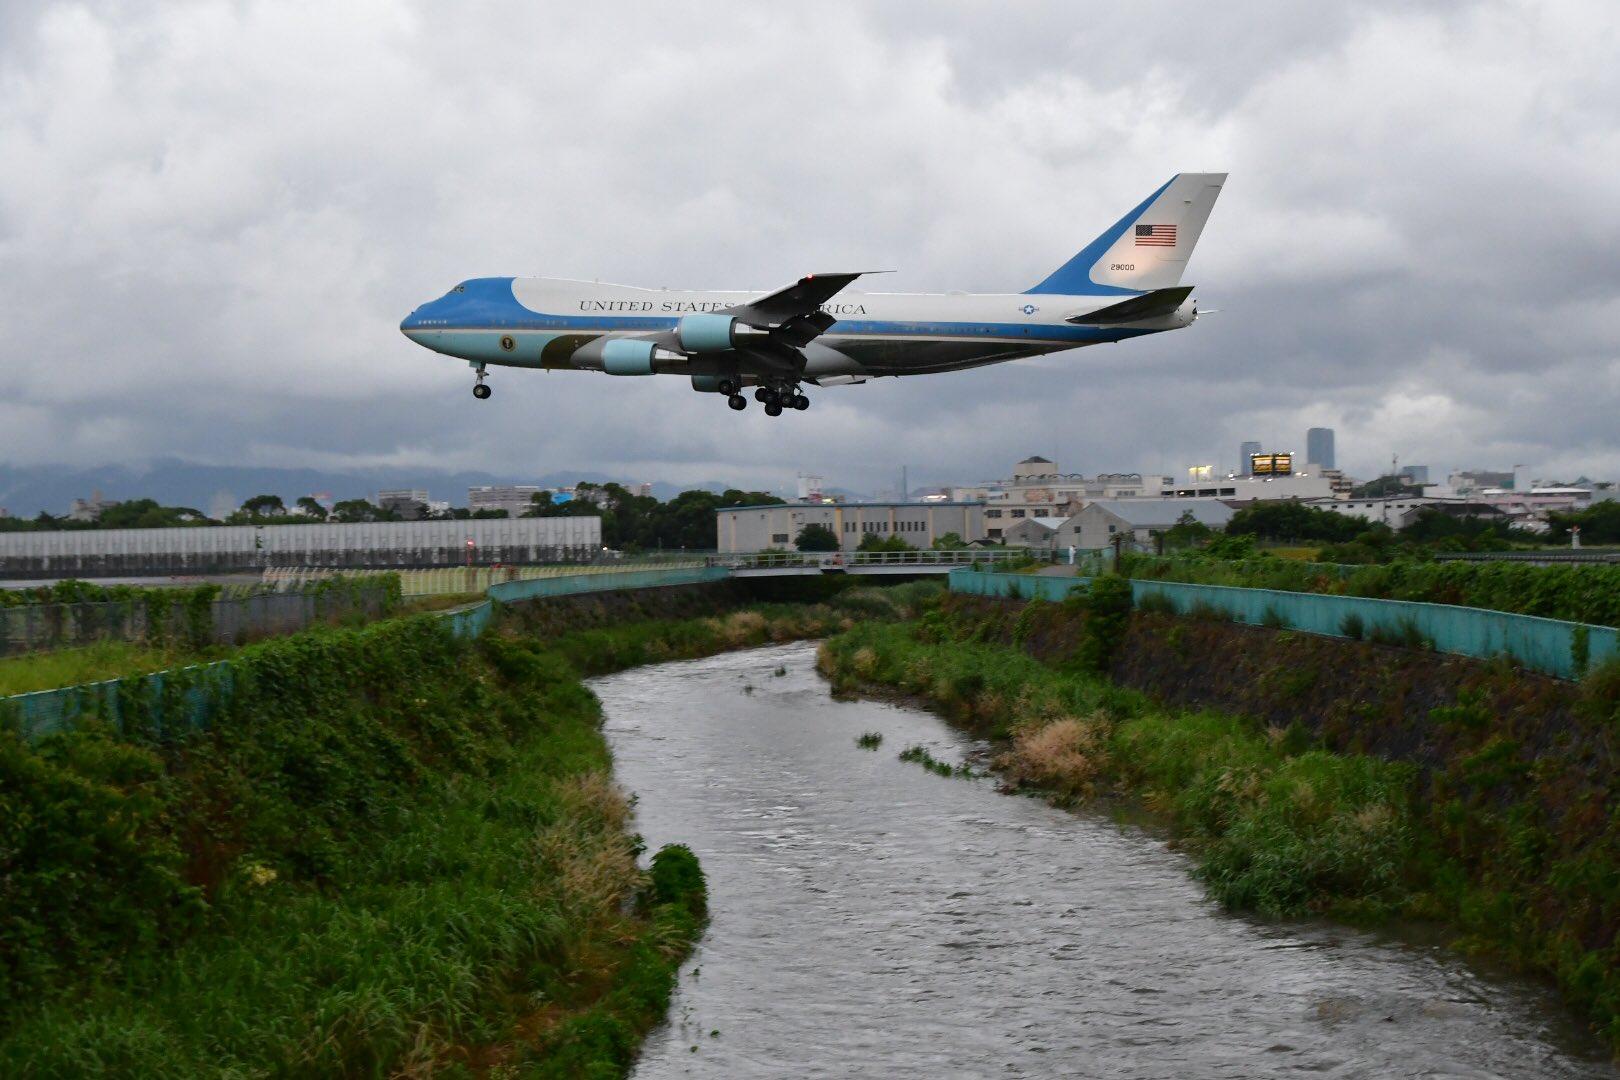 画像,TL眺めてるだけで阪神高速に何も走ってないのがわかったりhttps://t.co/UnmsGdfEUXエアフォース・ワンが伊丹空港に着陸したのがリアルタイムでわ…